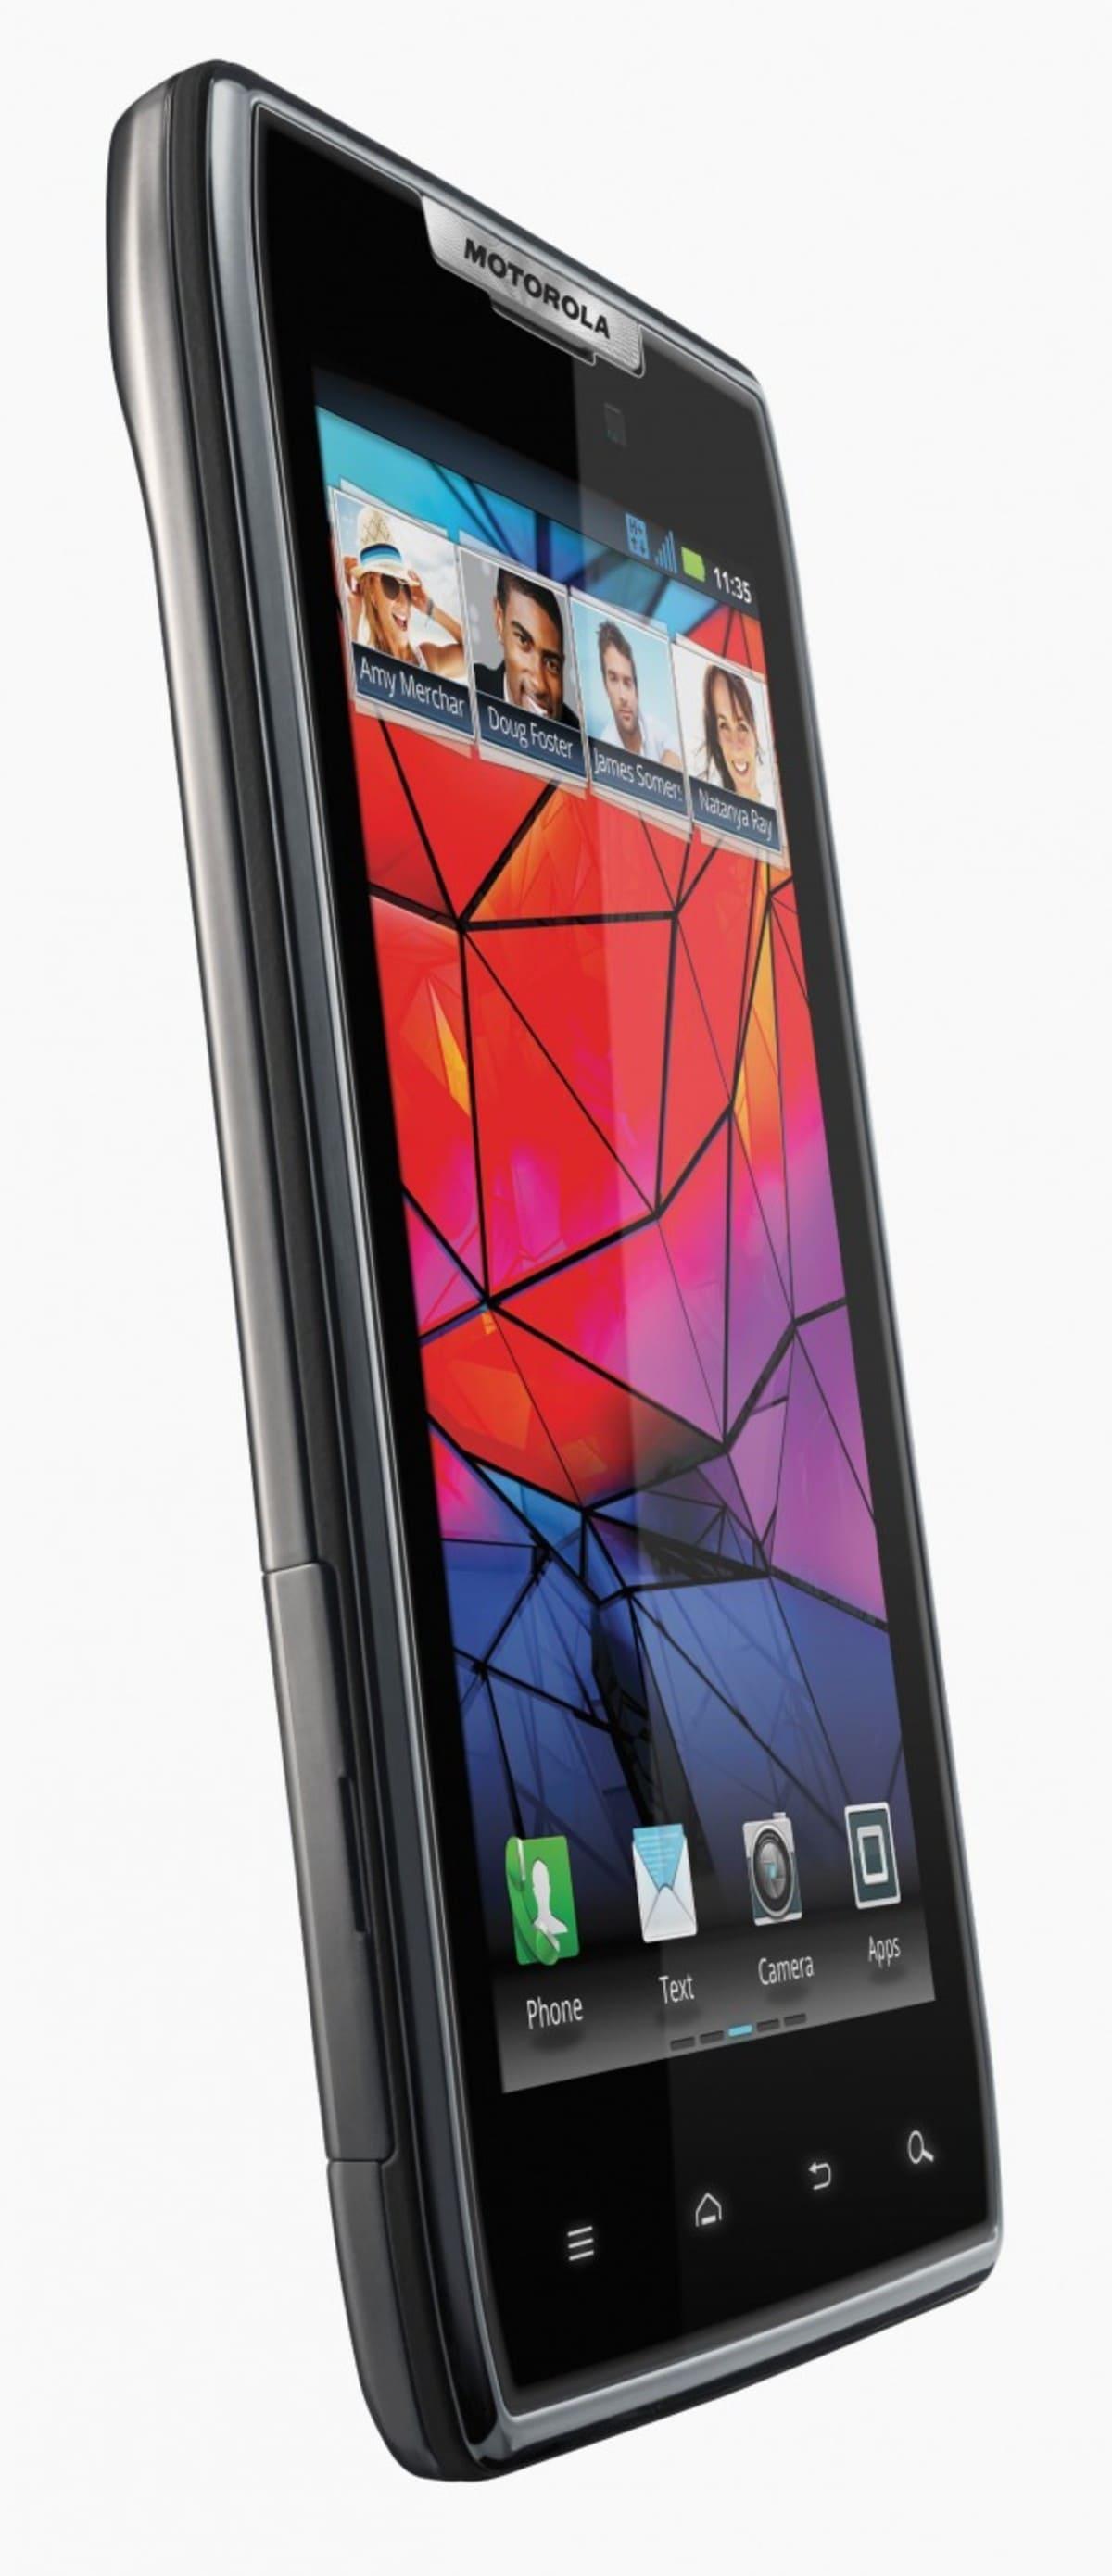 Motorola RAZR 3 e1318960856530 Motorola RAZR llega a España por 599 euros